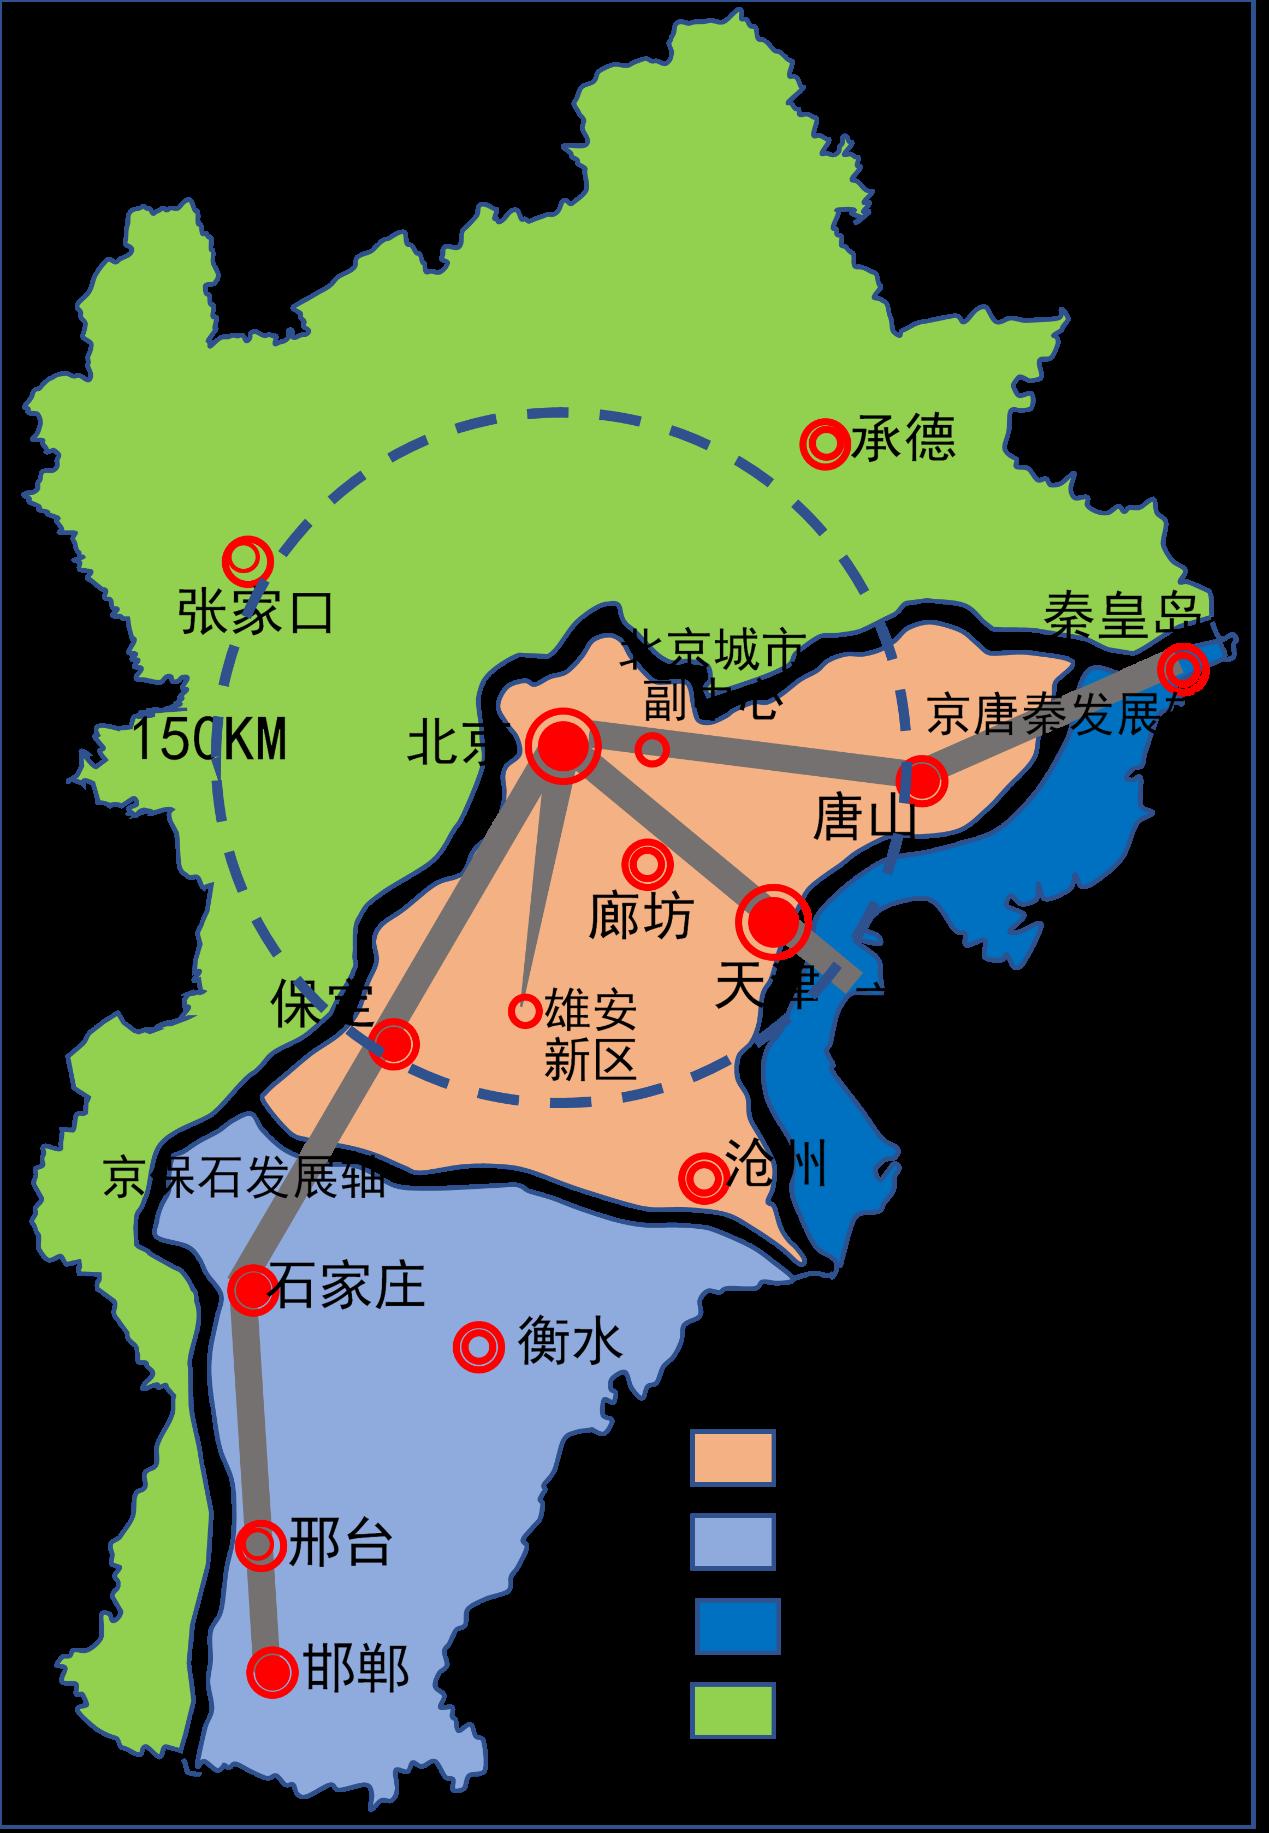 谁是京津冀的排头兵,来自客研报告中的城市战略解析秘籍